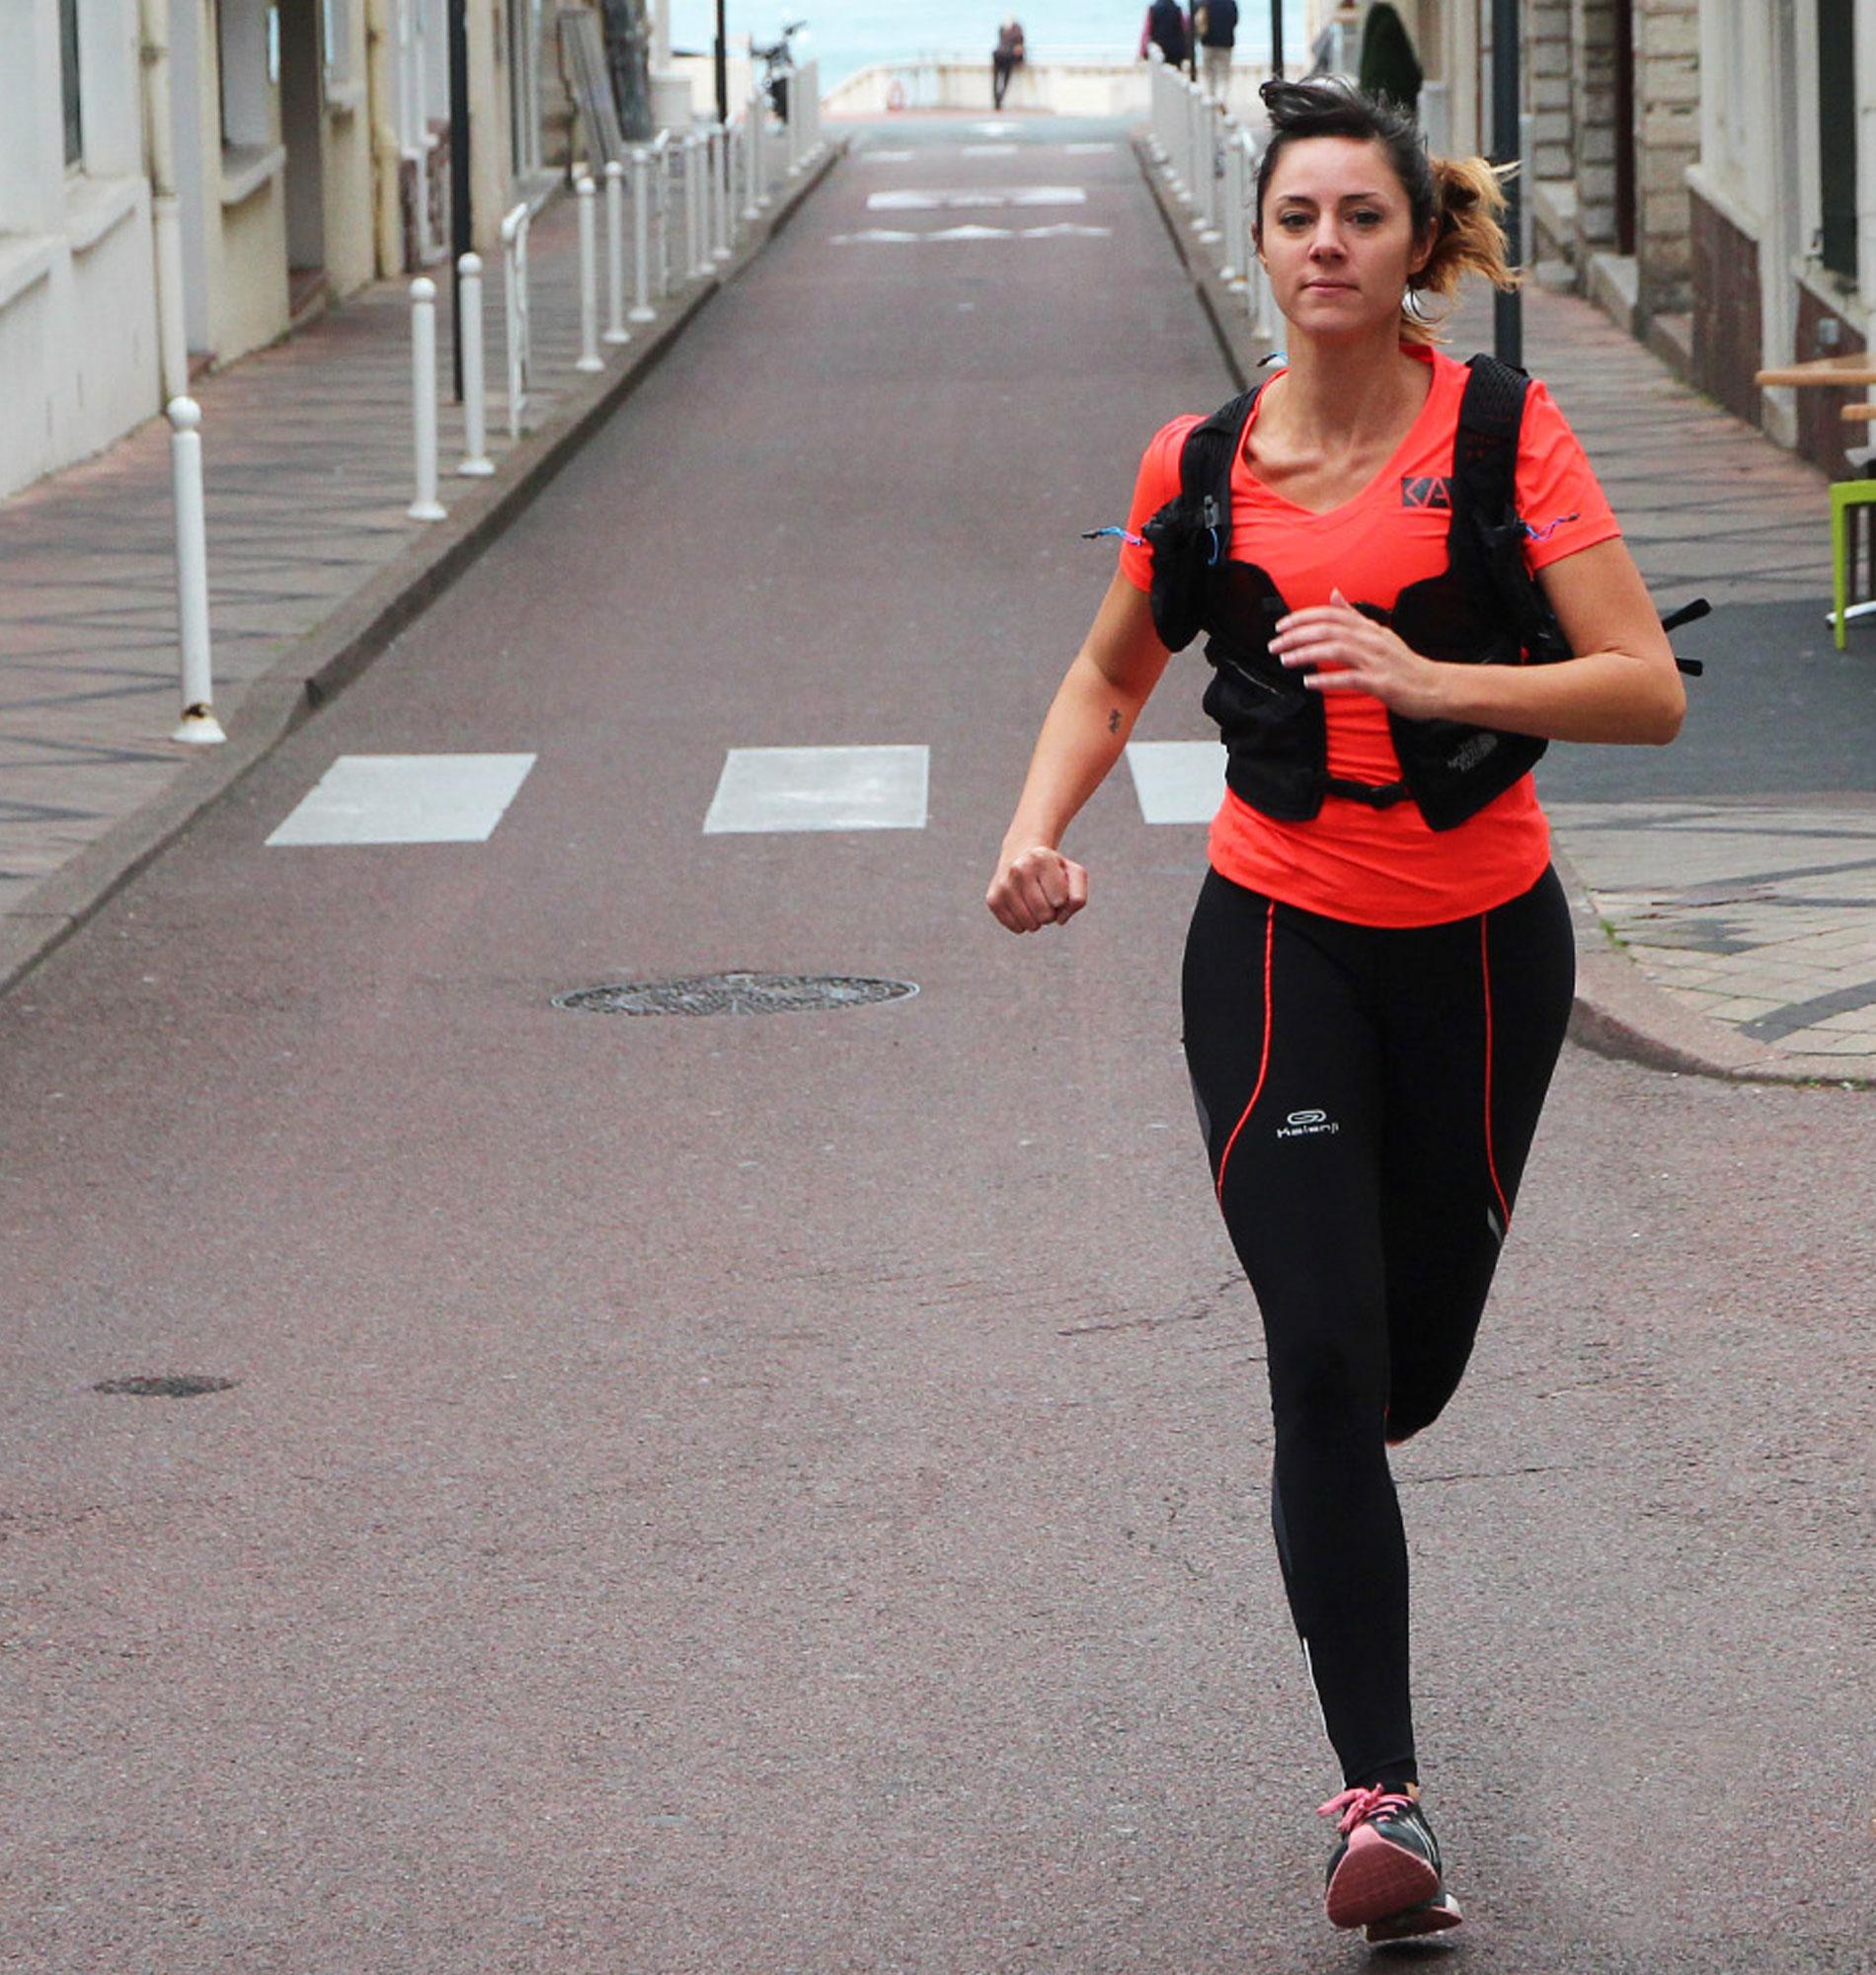 Élise running urbain à Biarritz avec le Kiwi de l'Adour